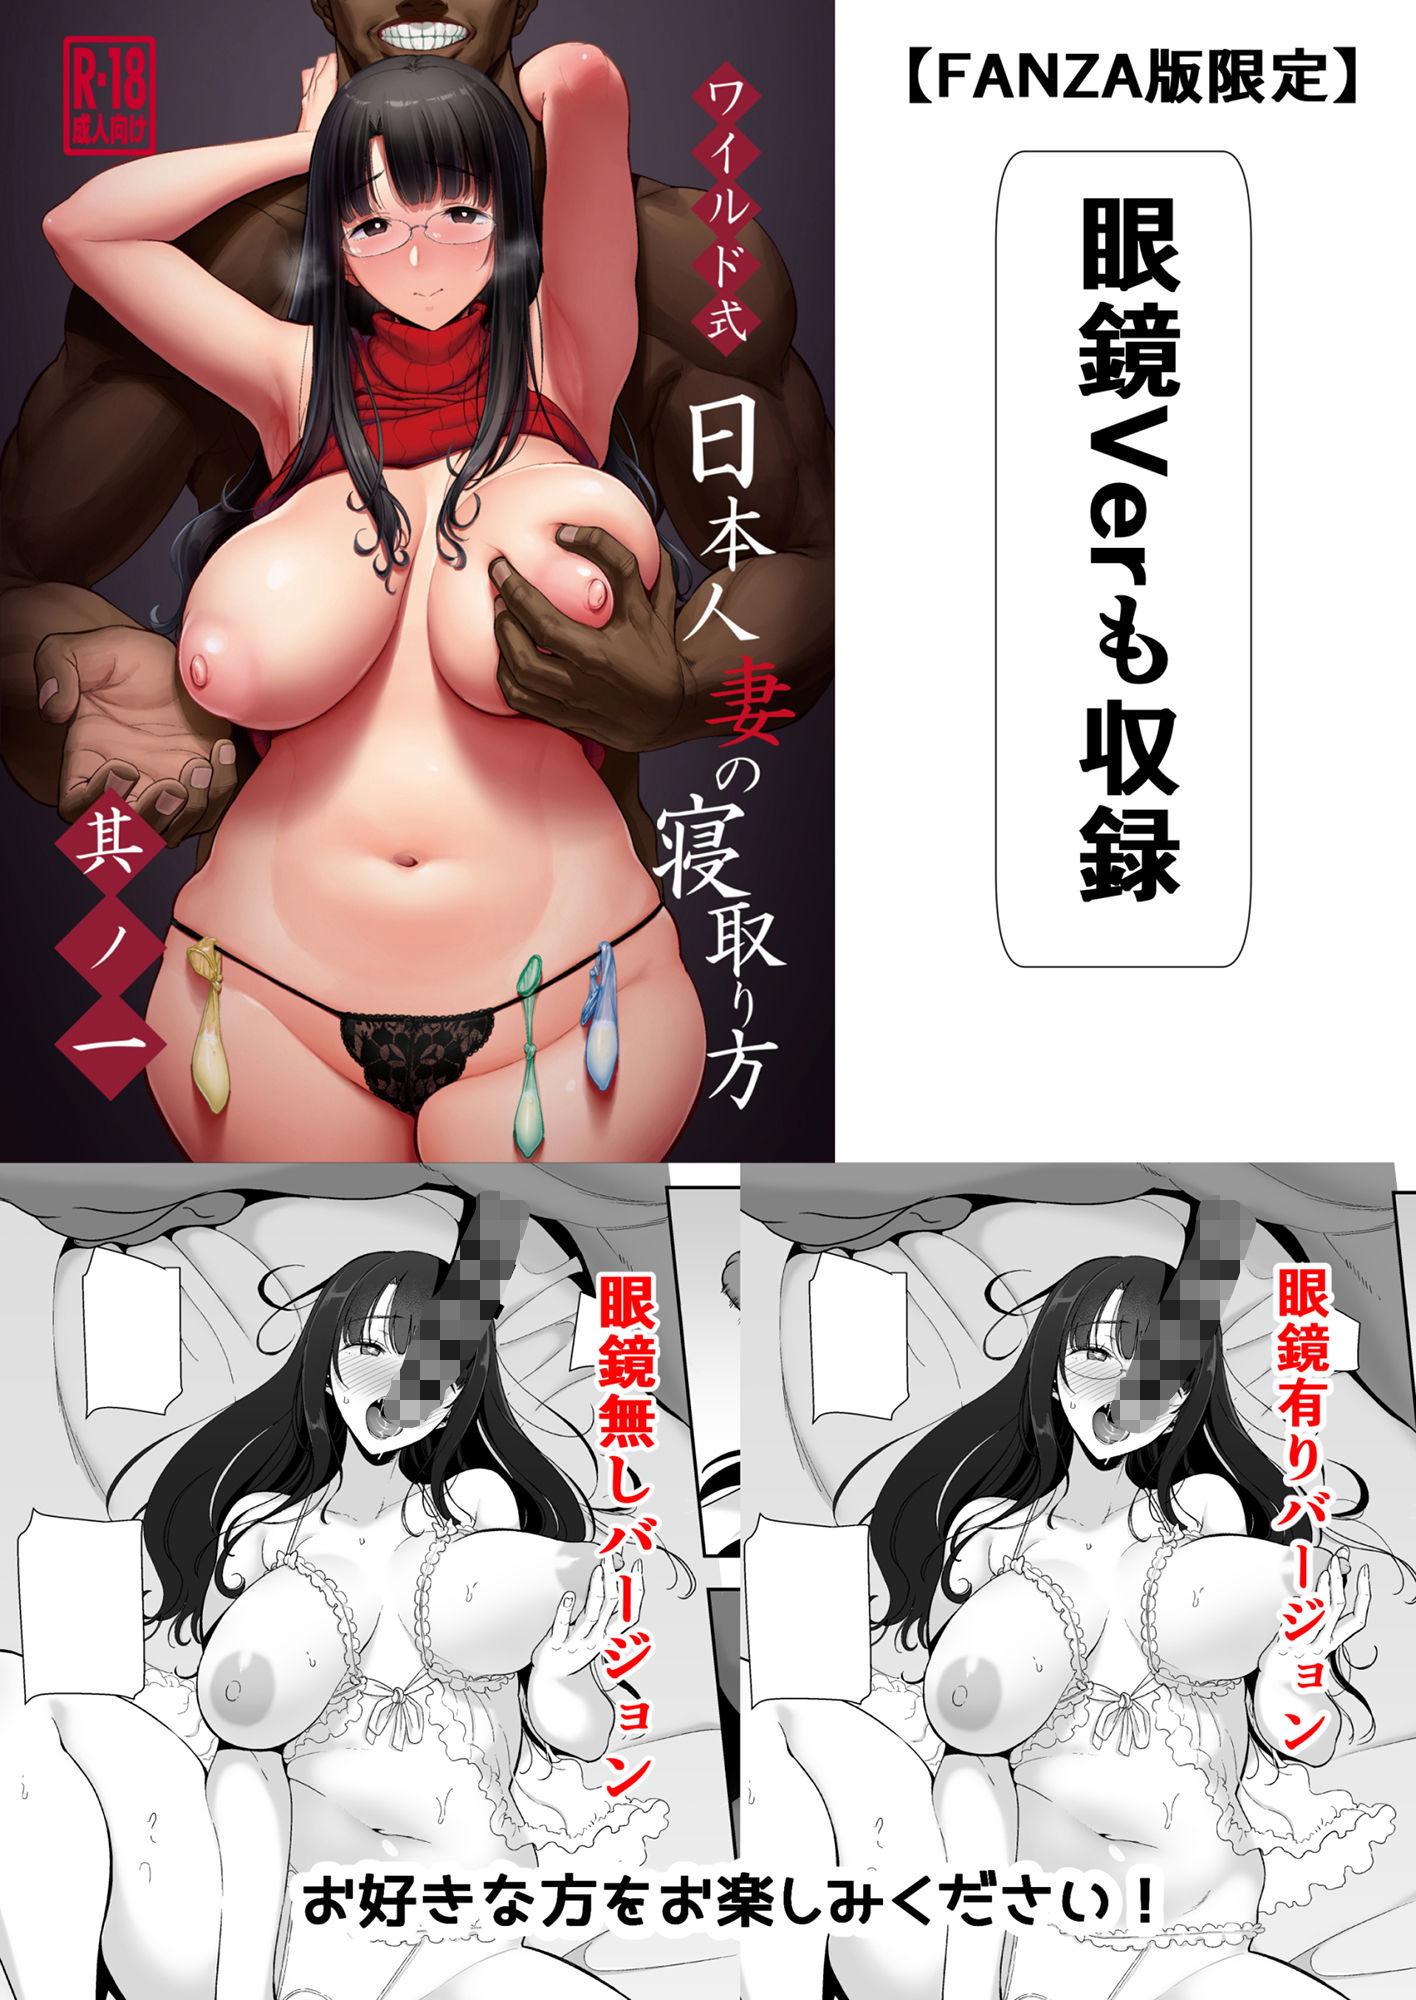 『ワイルド式日本人妻の寝取り方 其ノ一』 同人誌のサンプル画像です